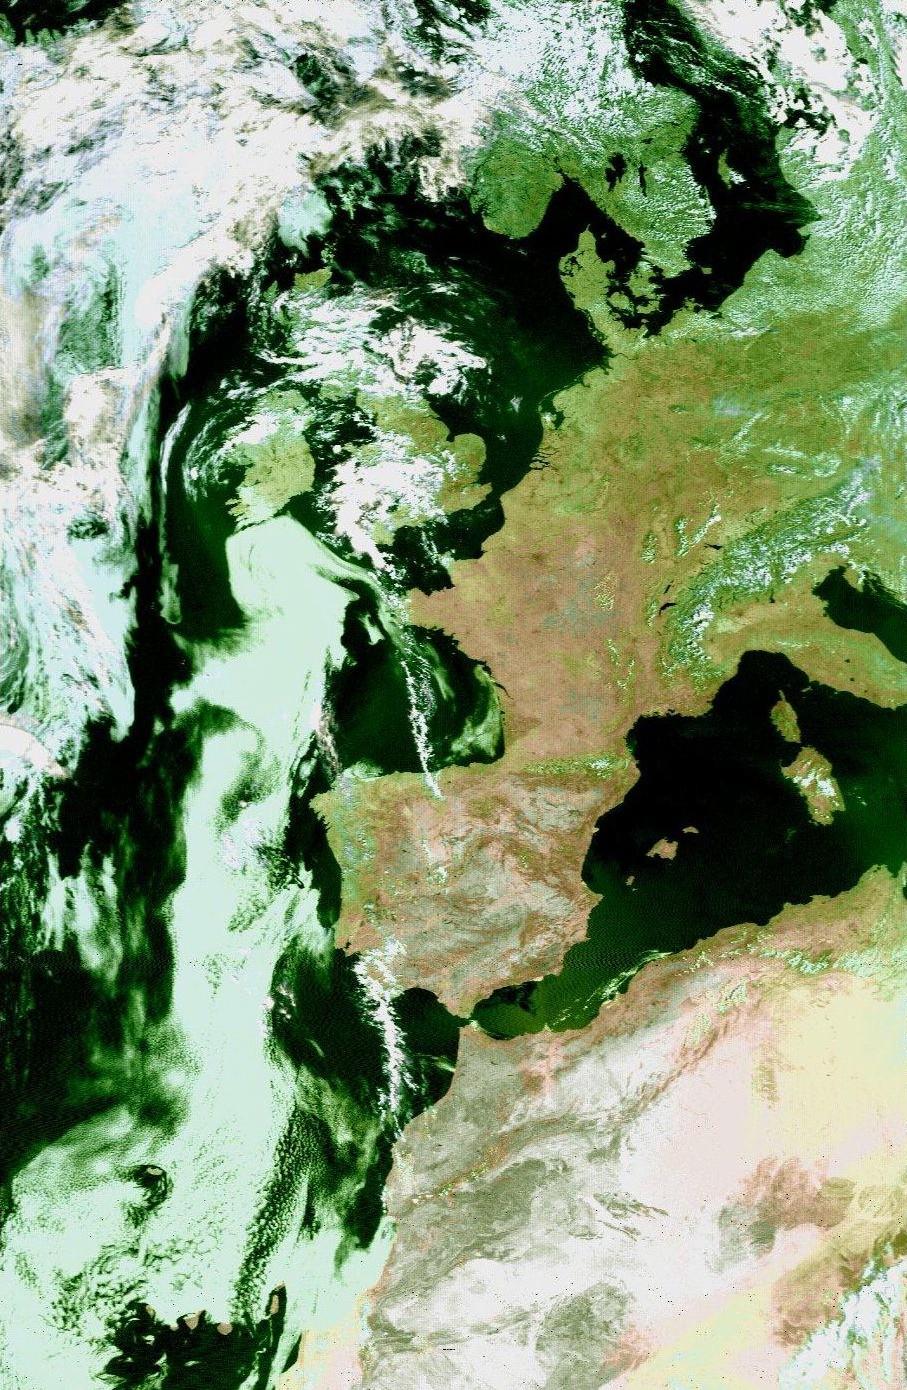 image satellite de l'Europe par la canicule, le 5 août 2003 météopassion